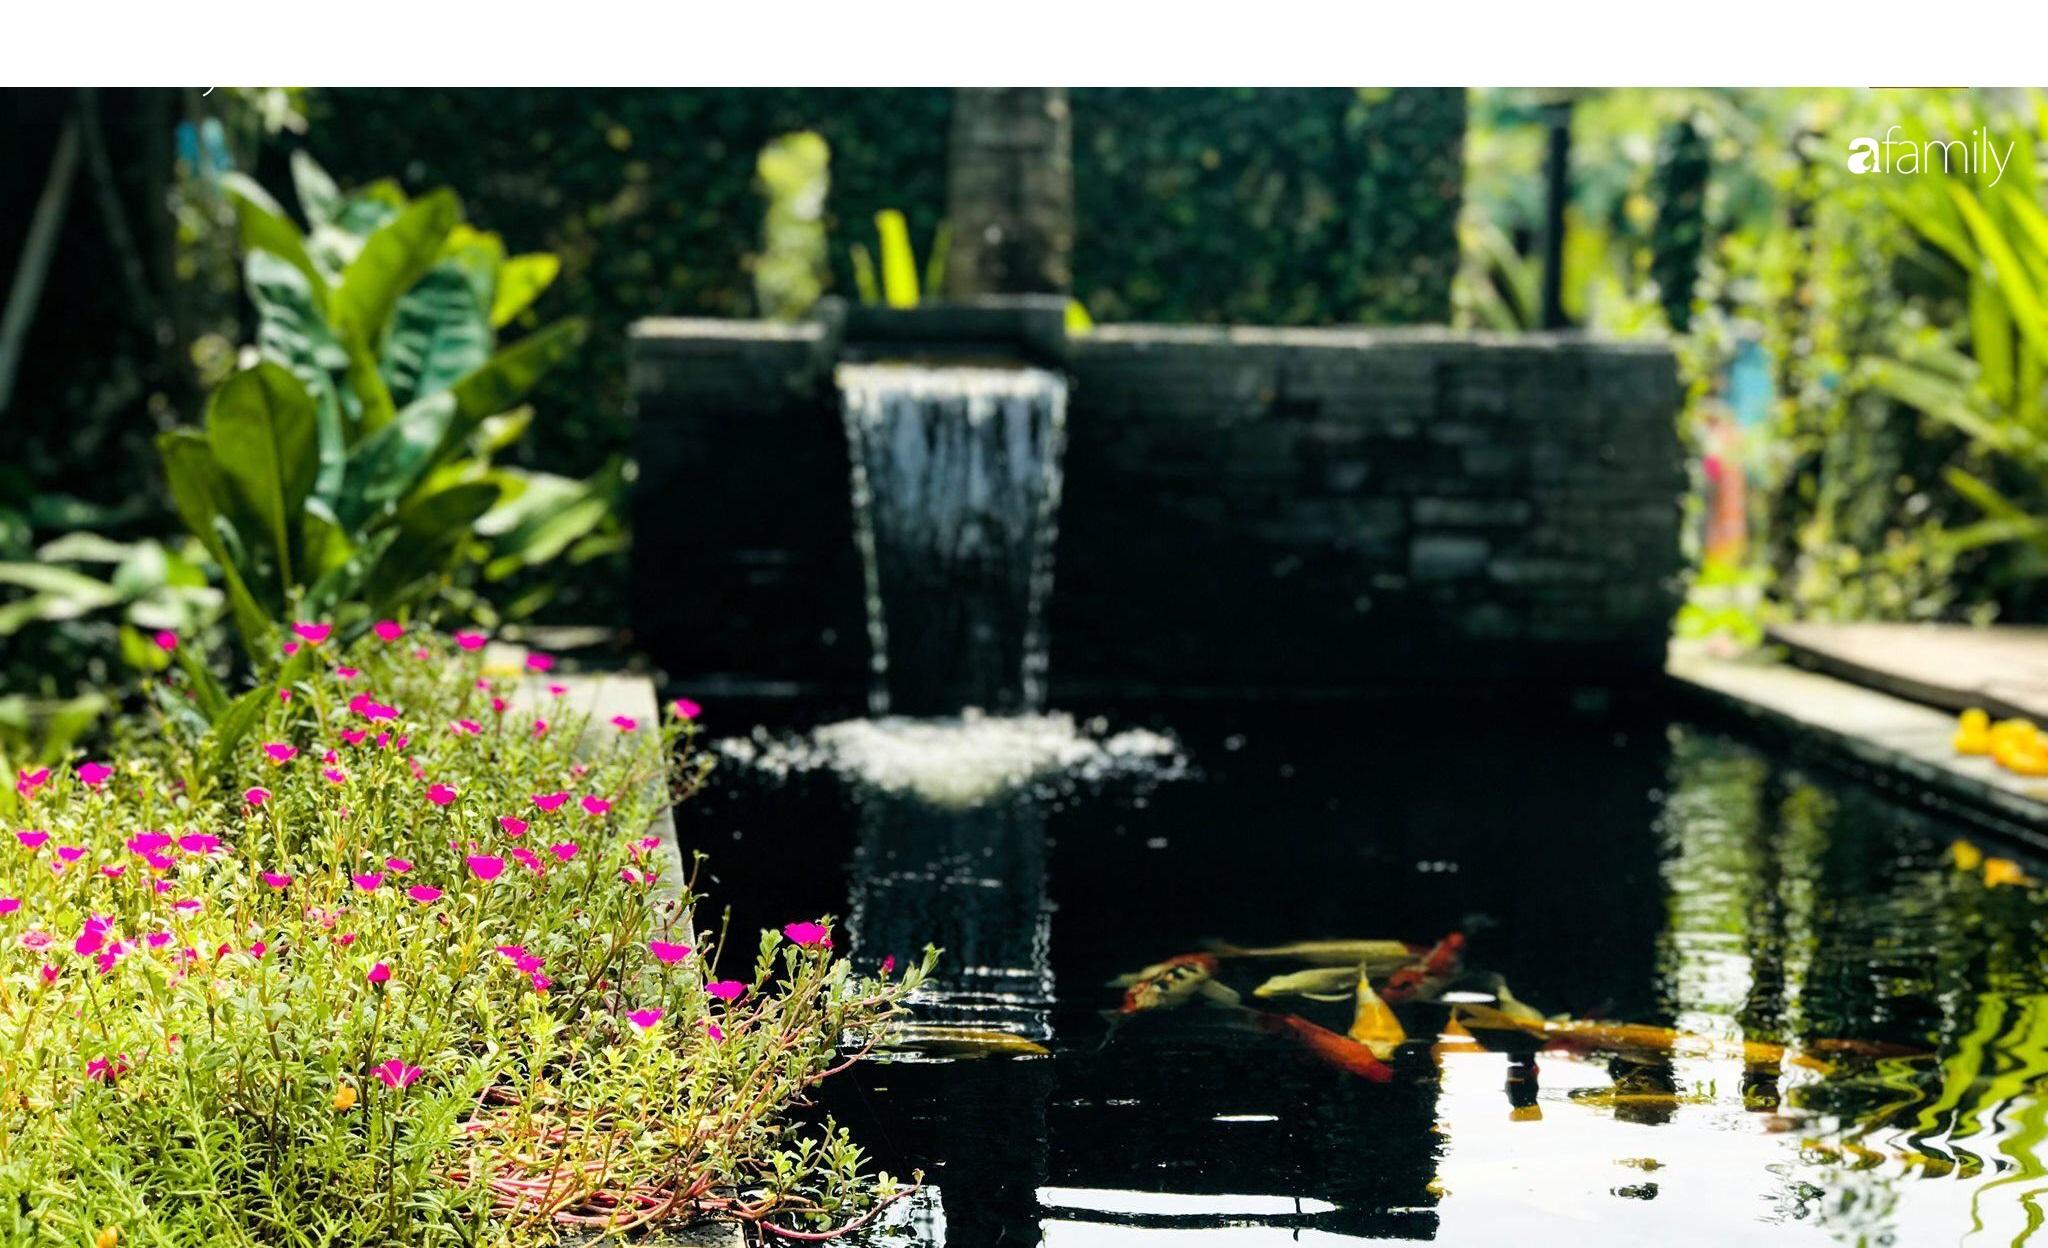 Chàng sinh viên kiến trúc tự decor vườn 200m² với cây xanh và ao cá cho gia đình 4 thế hệ ở ngoại ô Đà Nẵng - Ảnh 12.